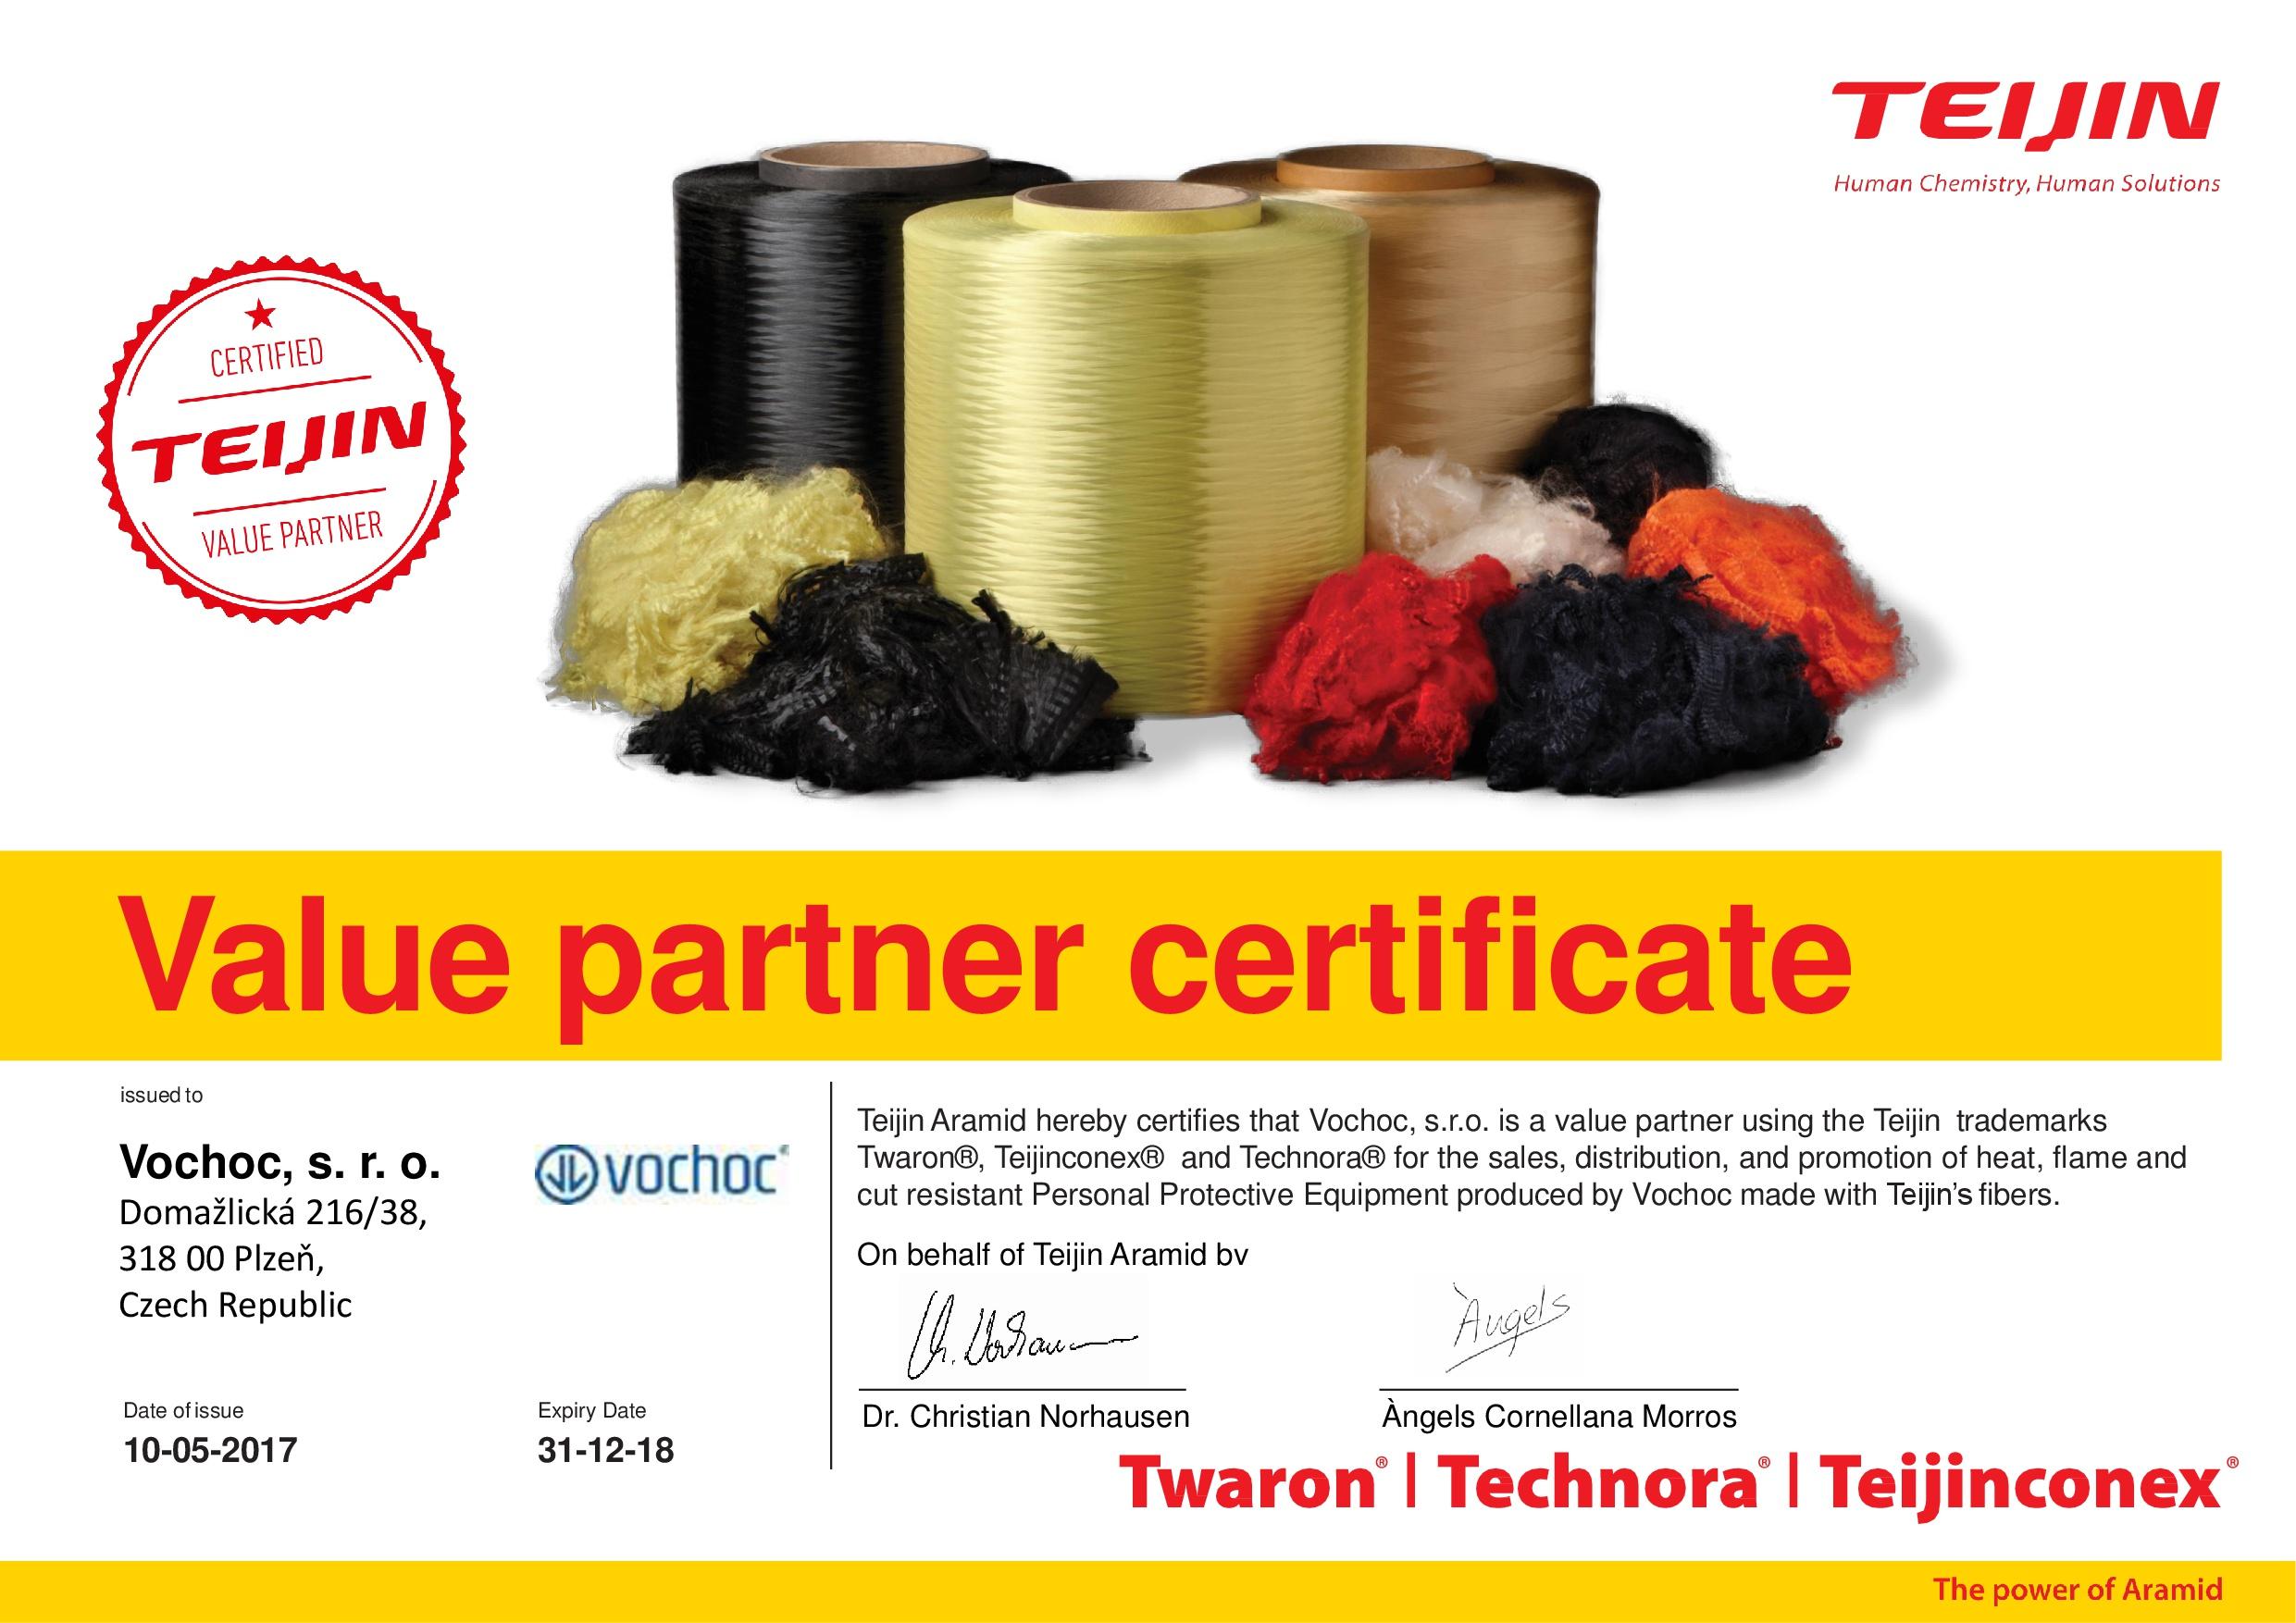 Teijin Certificate